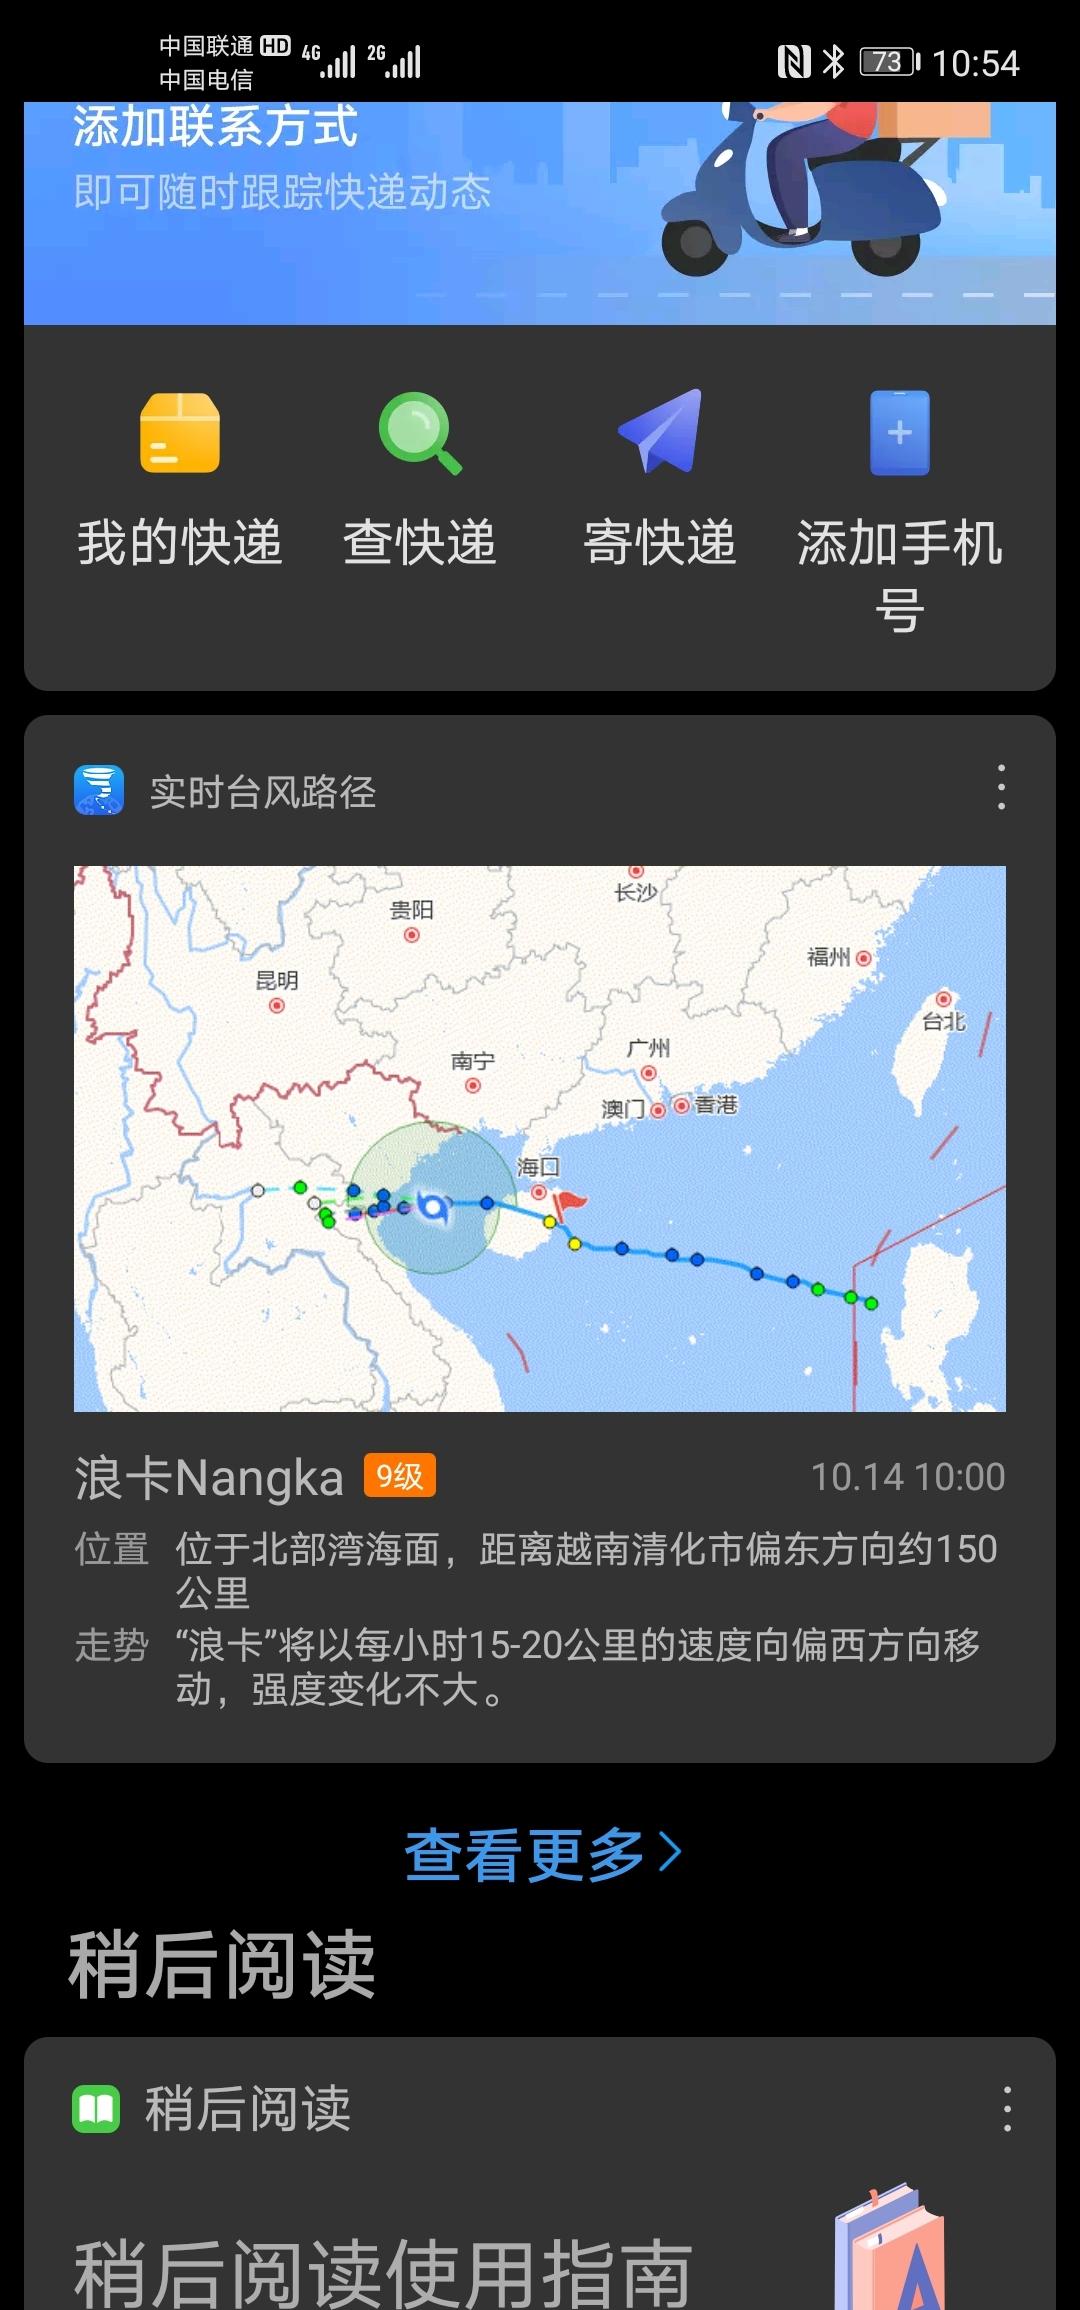 Screenshot_20201014_105457_com.huawei.android.launcher.jpg